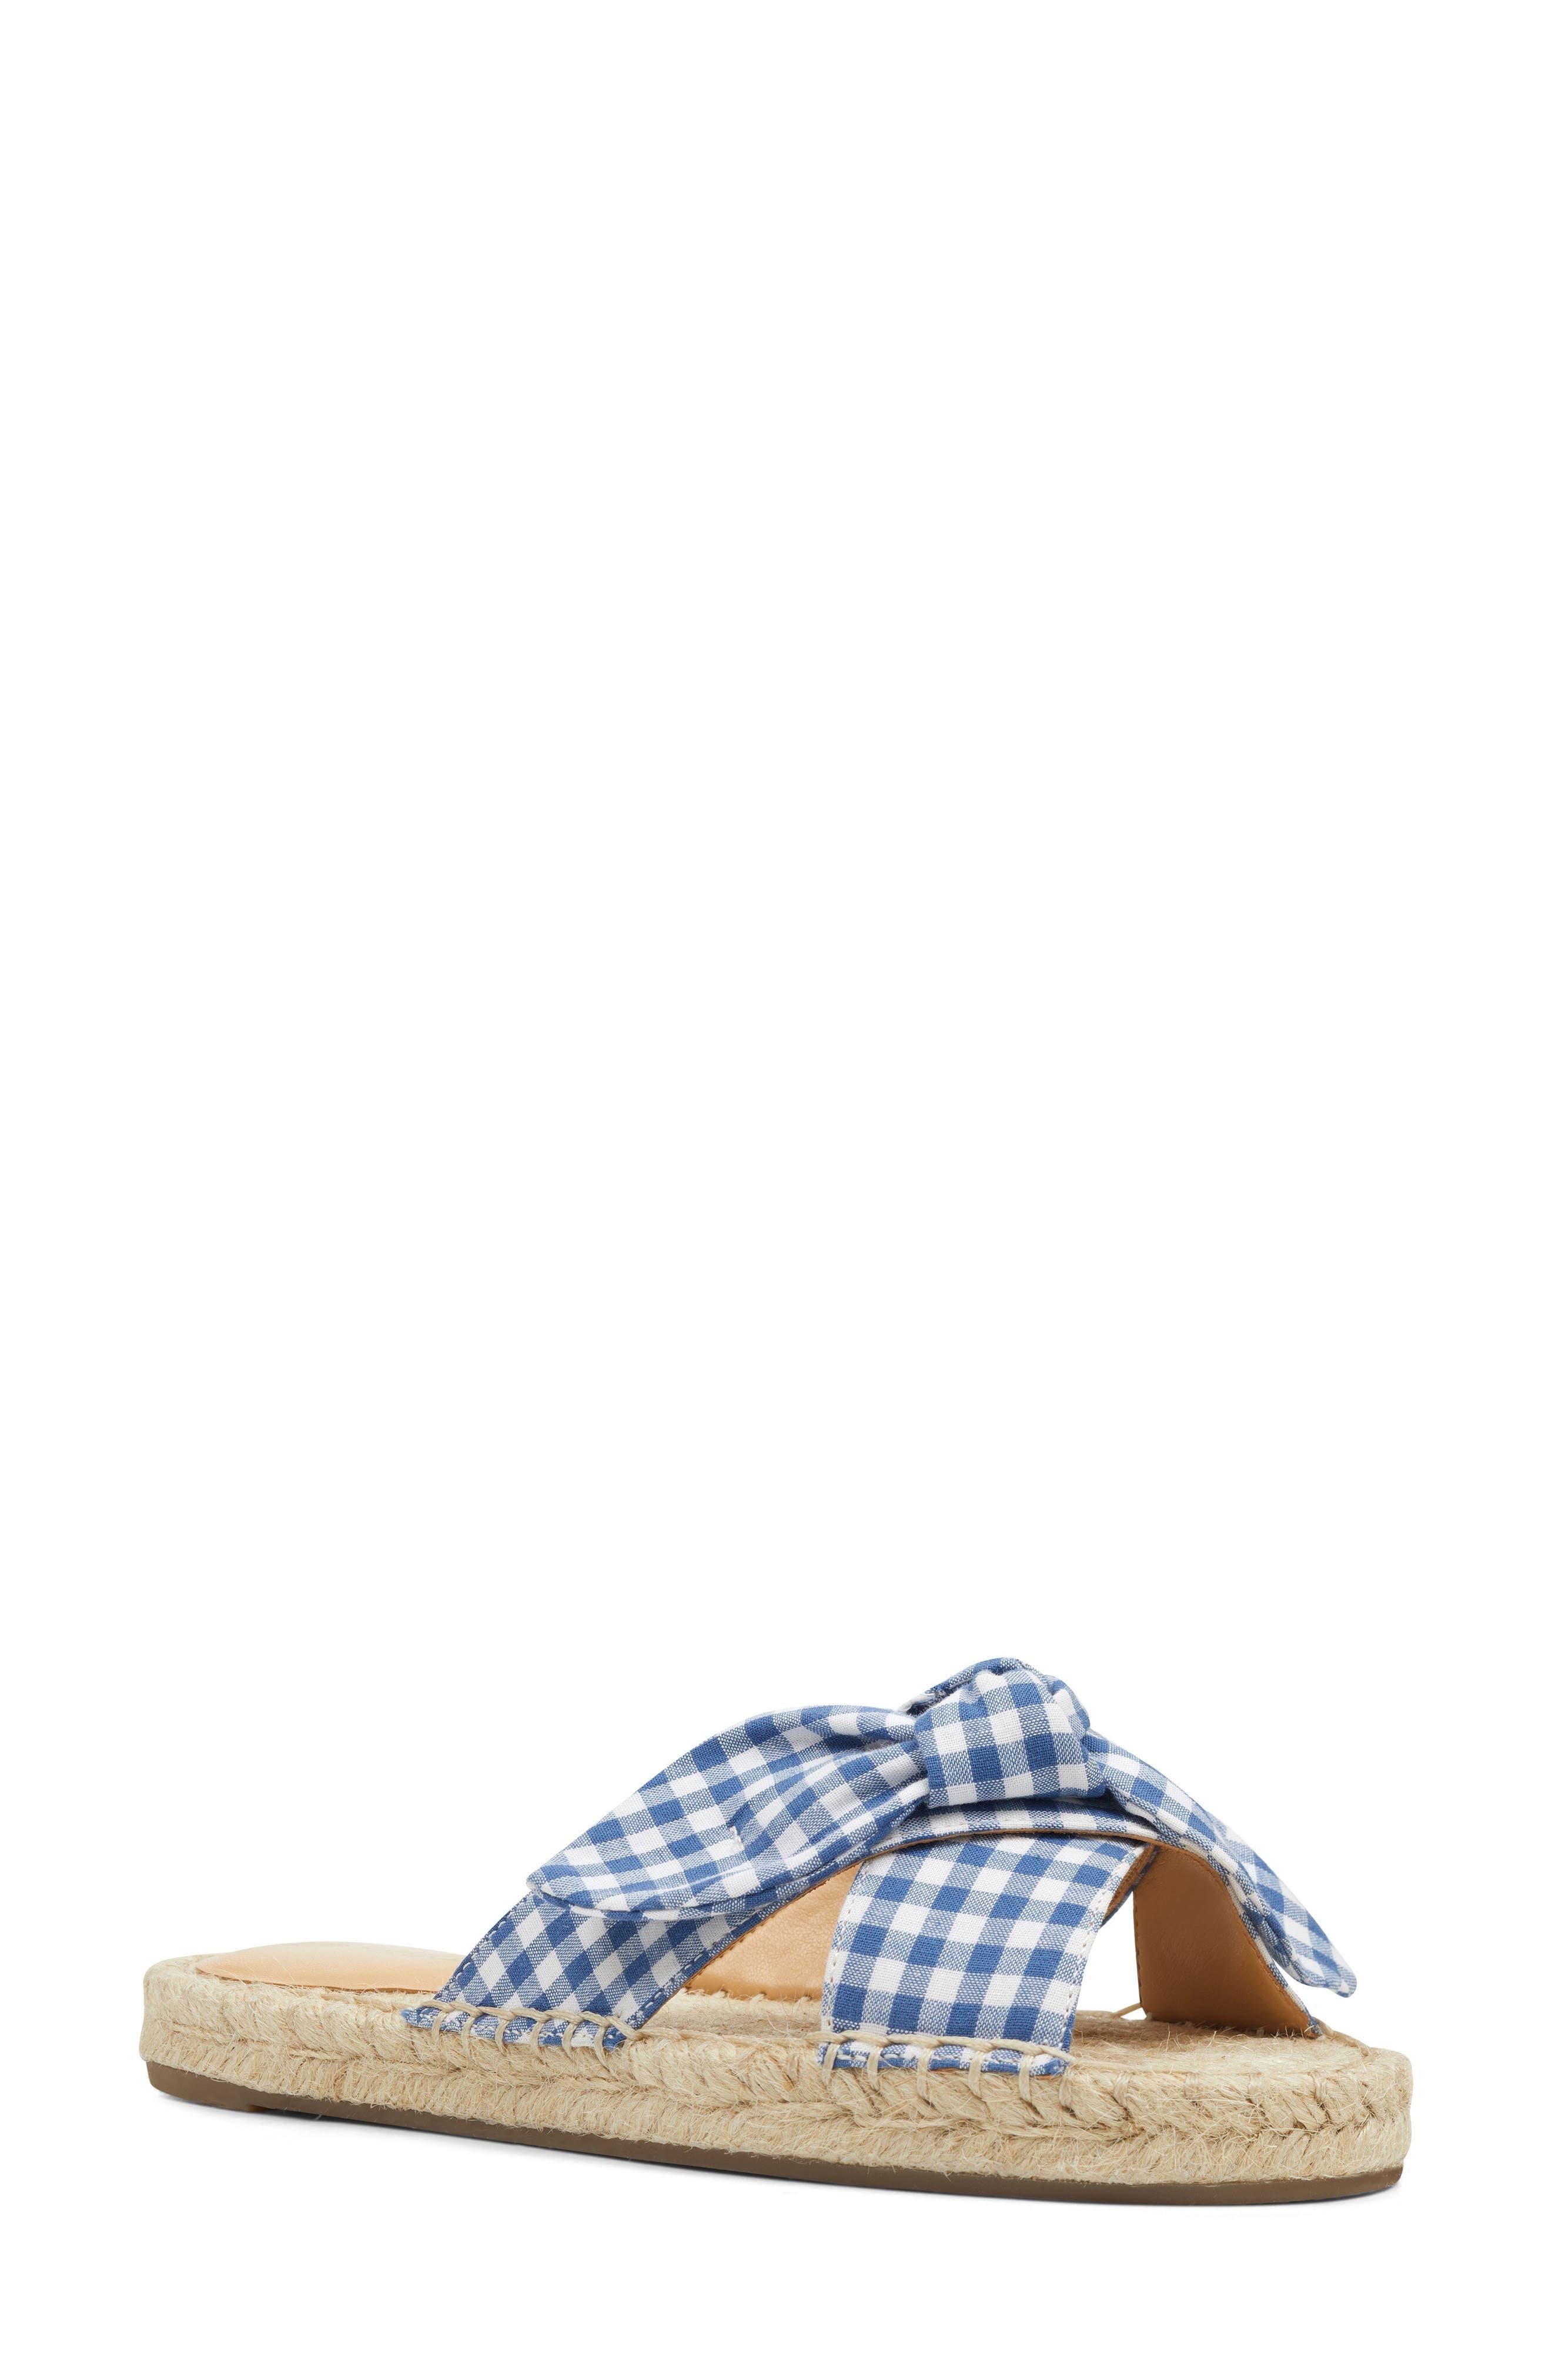 Nine West Brielle Espadrille Slide Sandal, Blue